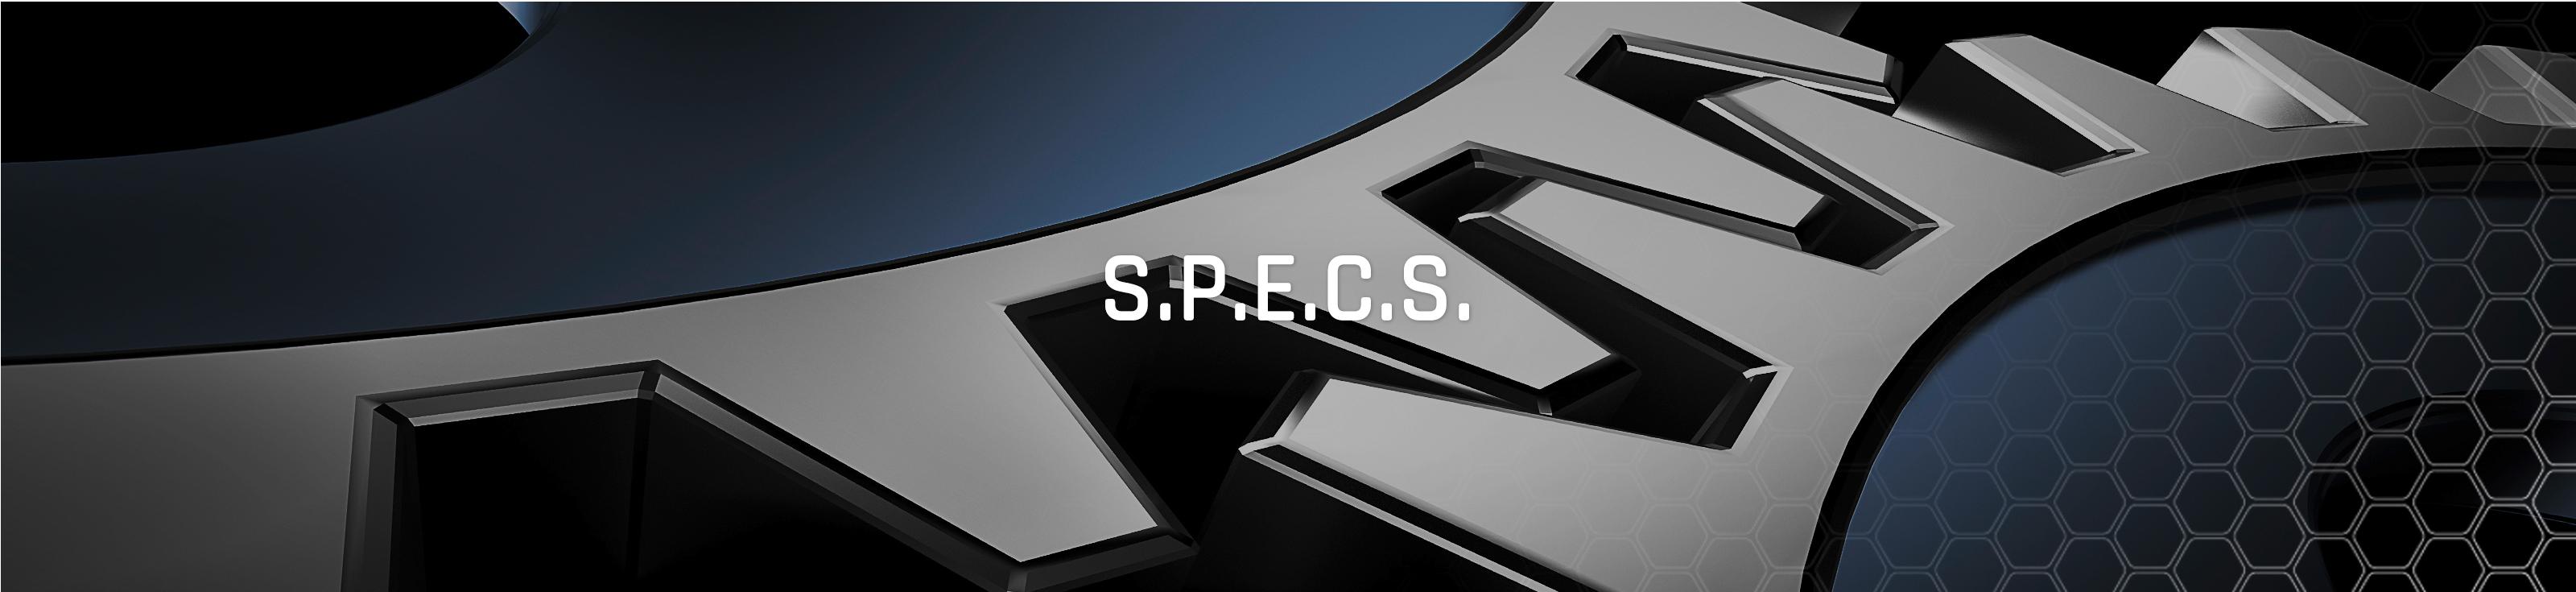 Slider_specs_2neu_ps